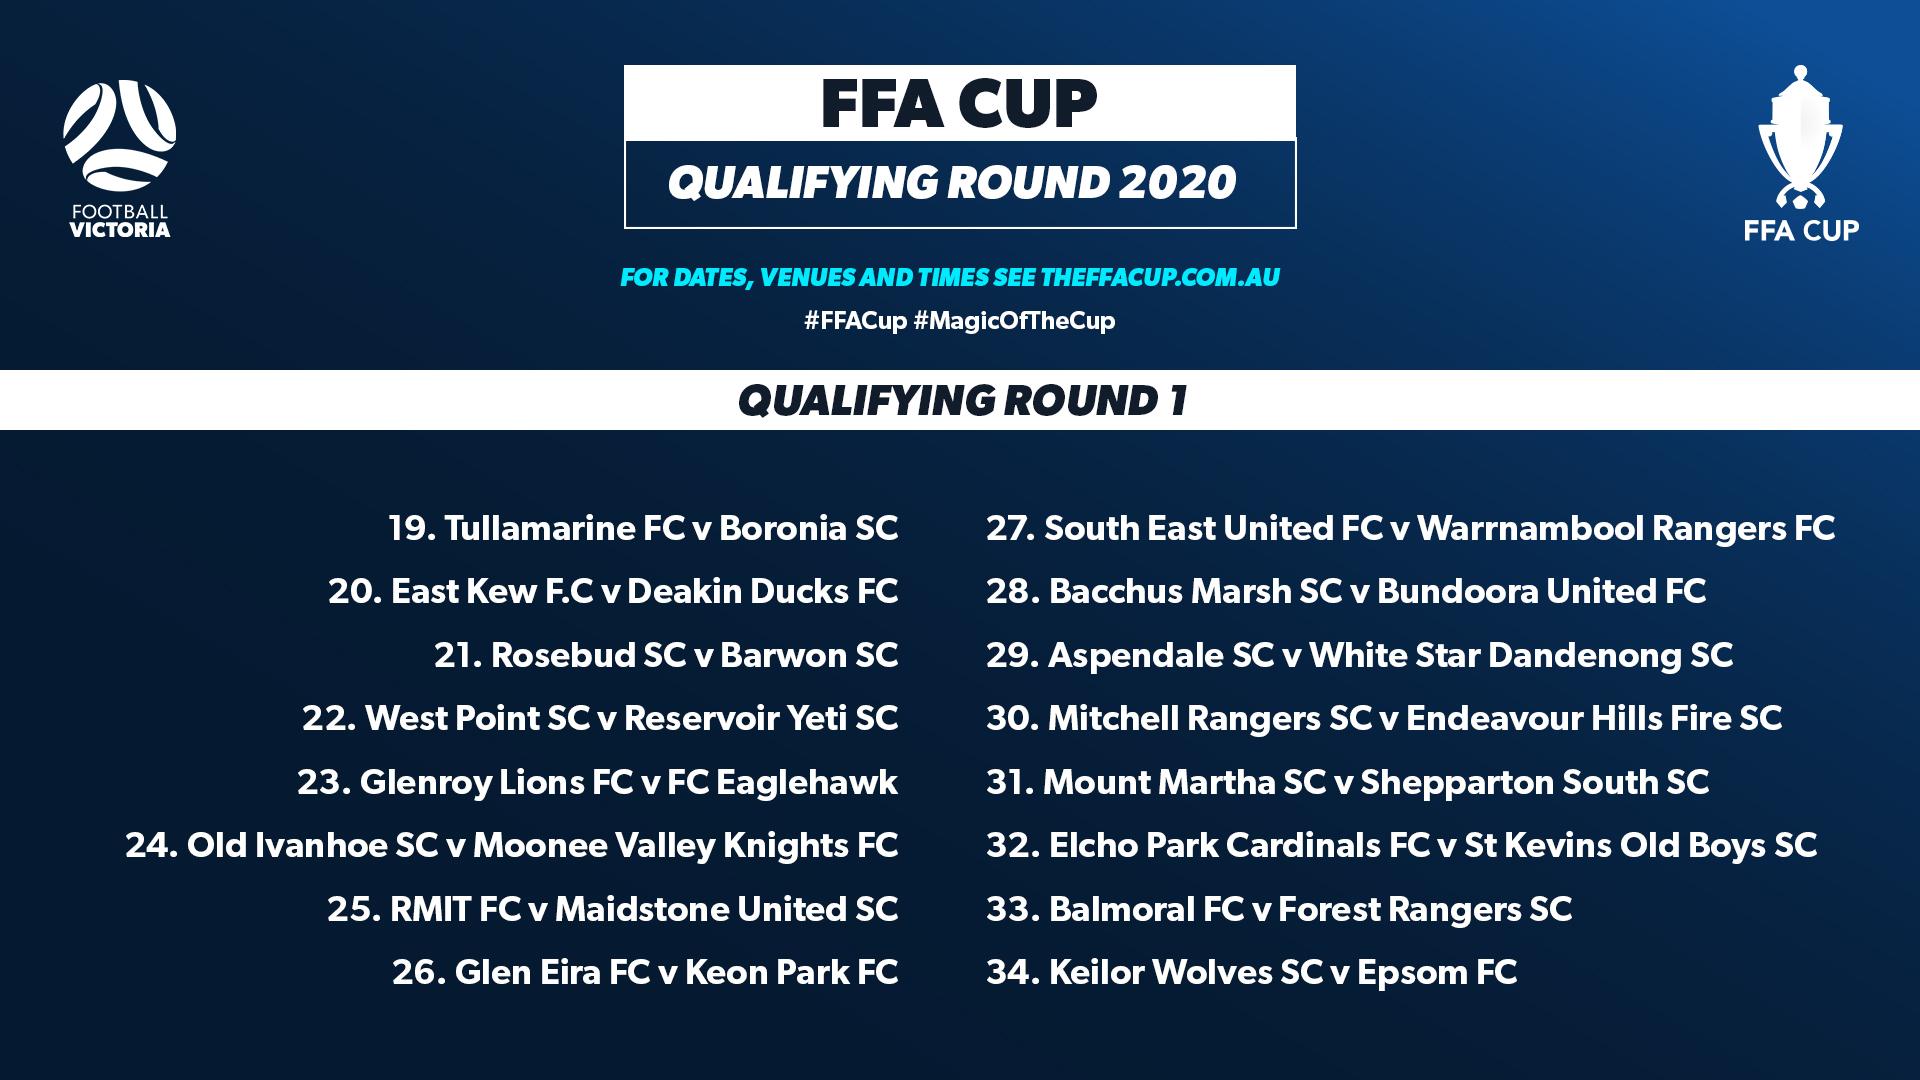 FFA Cup 2